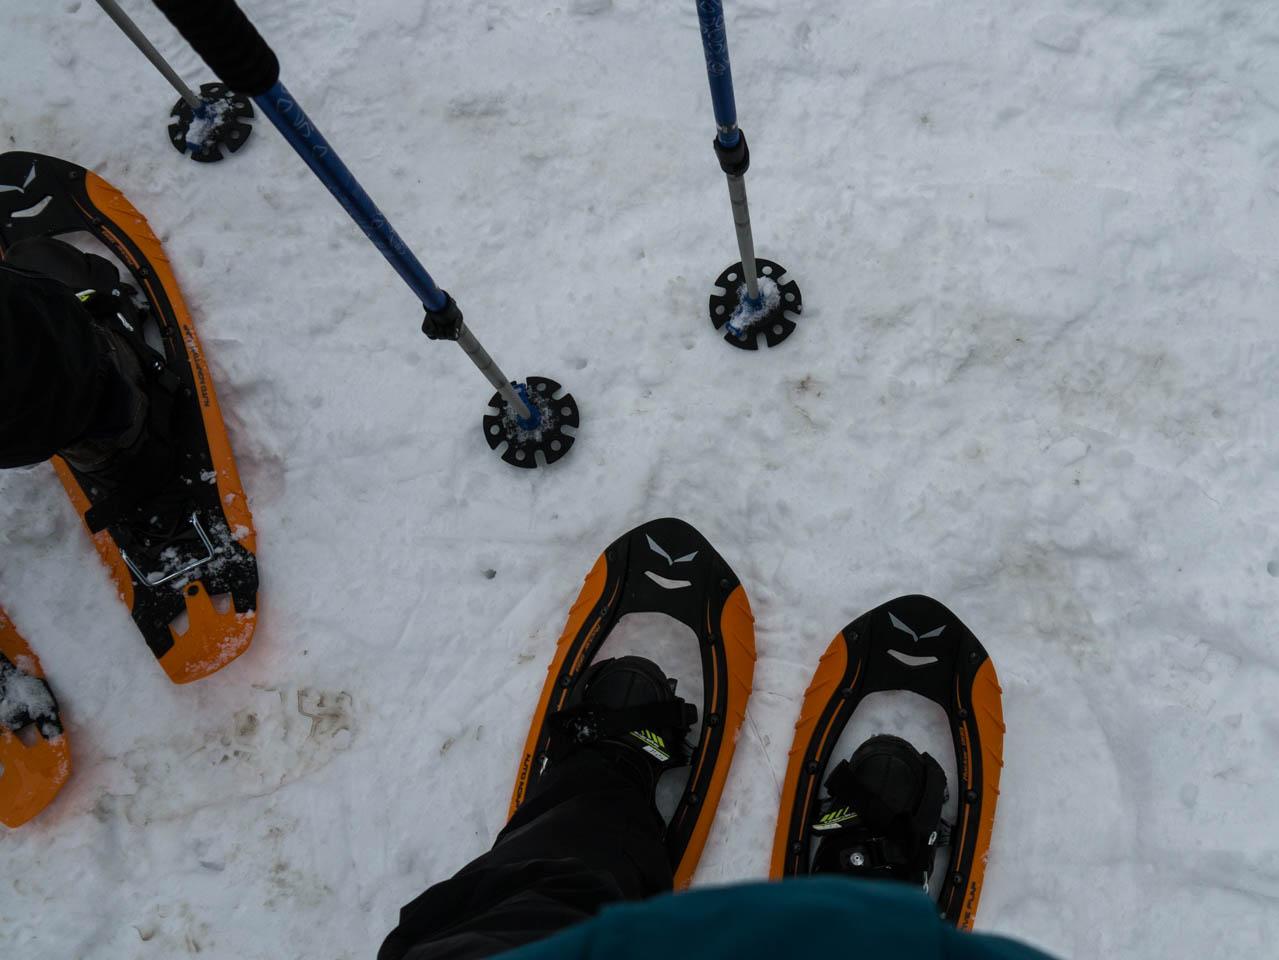 Schneeschuhe (1 von 1)